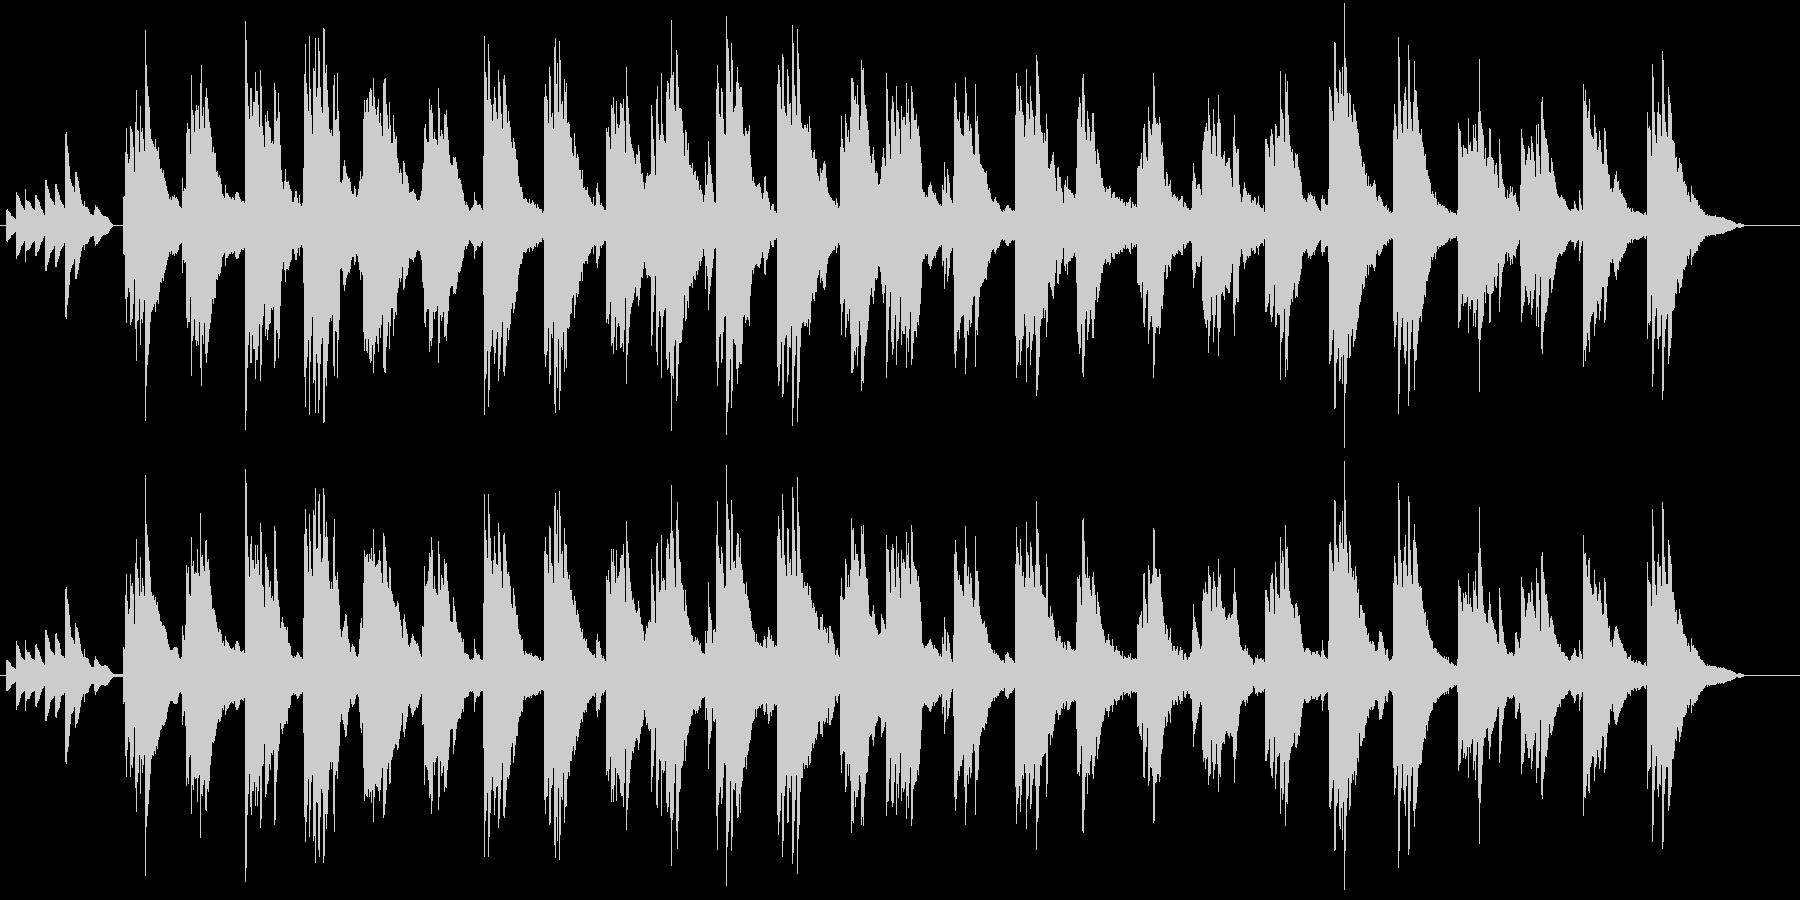 孤独感のあるピアノ曲の未再生の波形